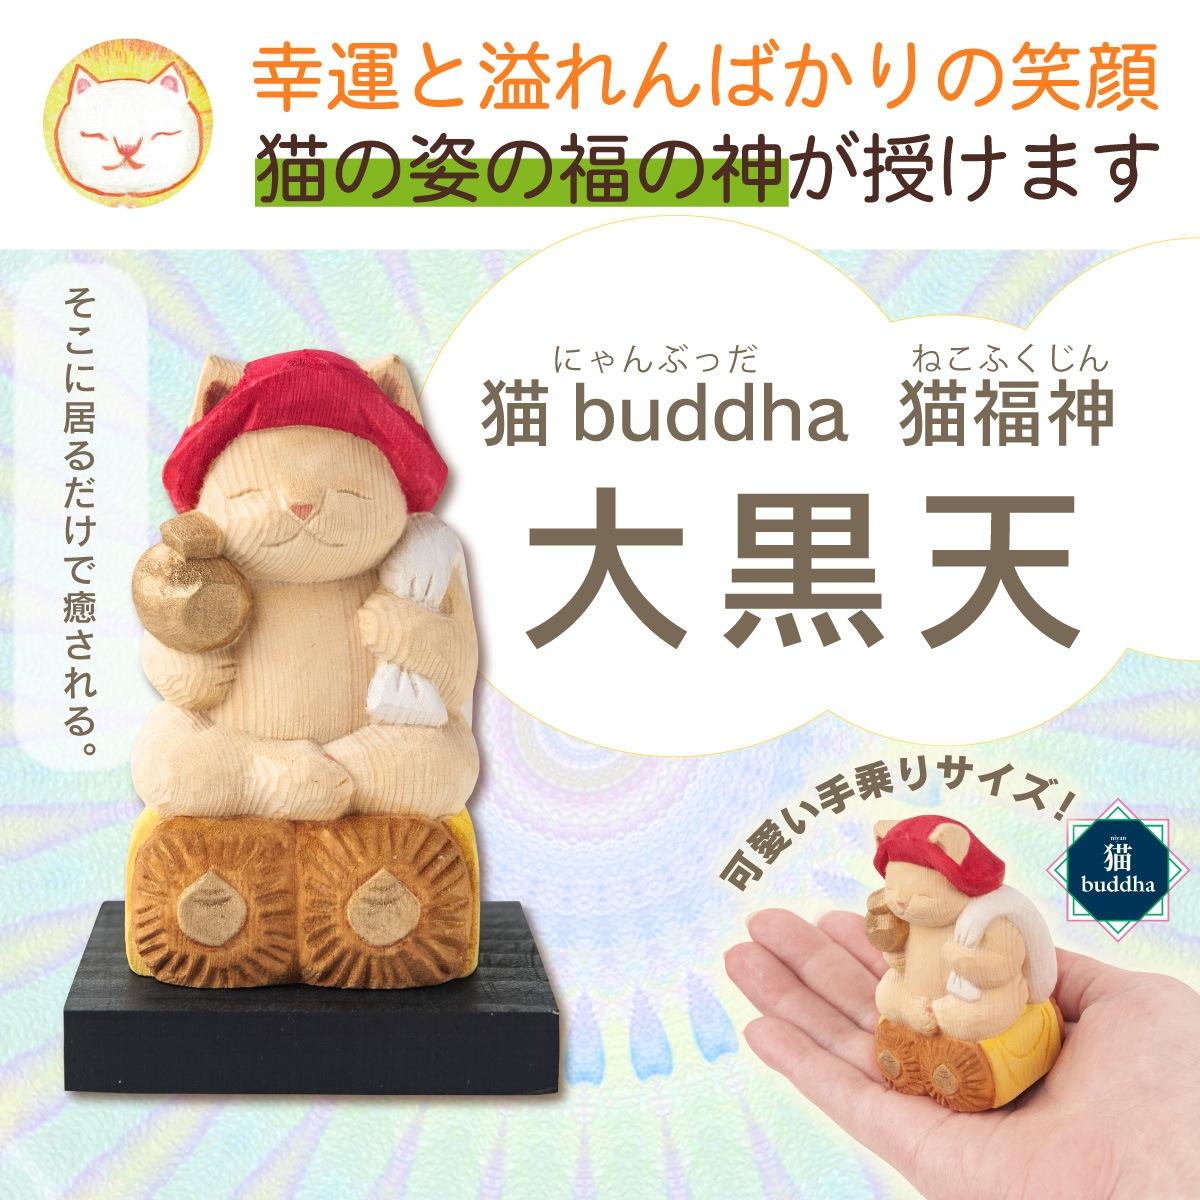 猫buddha 猫福神 大黒天